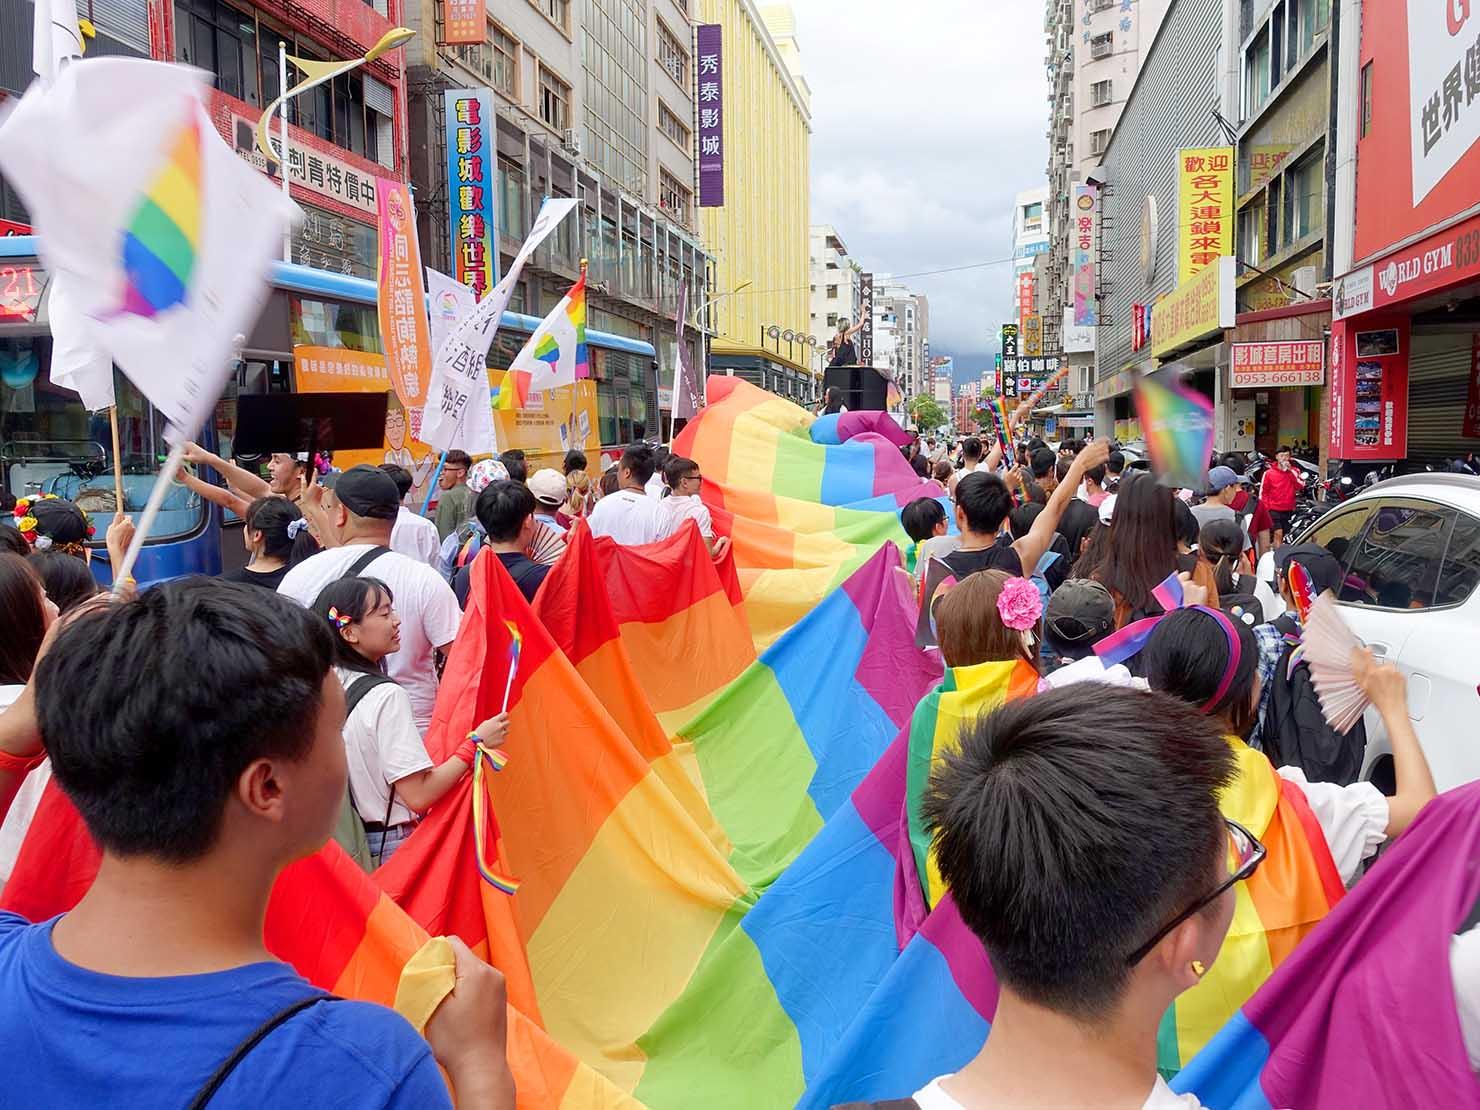 花東彩虹嘉年華(台湾東部LGBTプライド)で繁華街に差し掛かるパレード隊列